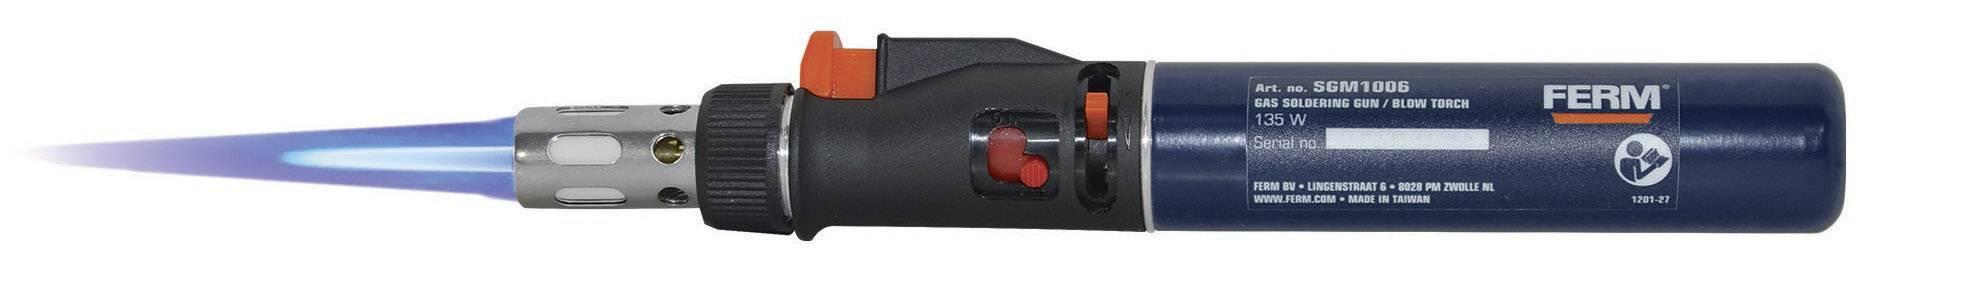 Plynová páječka Ferm SGM1006, 400 °C, 35 min piezo zapalovač